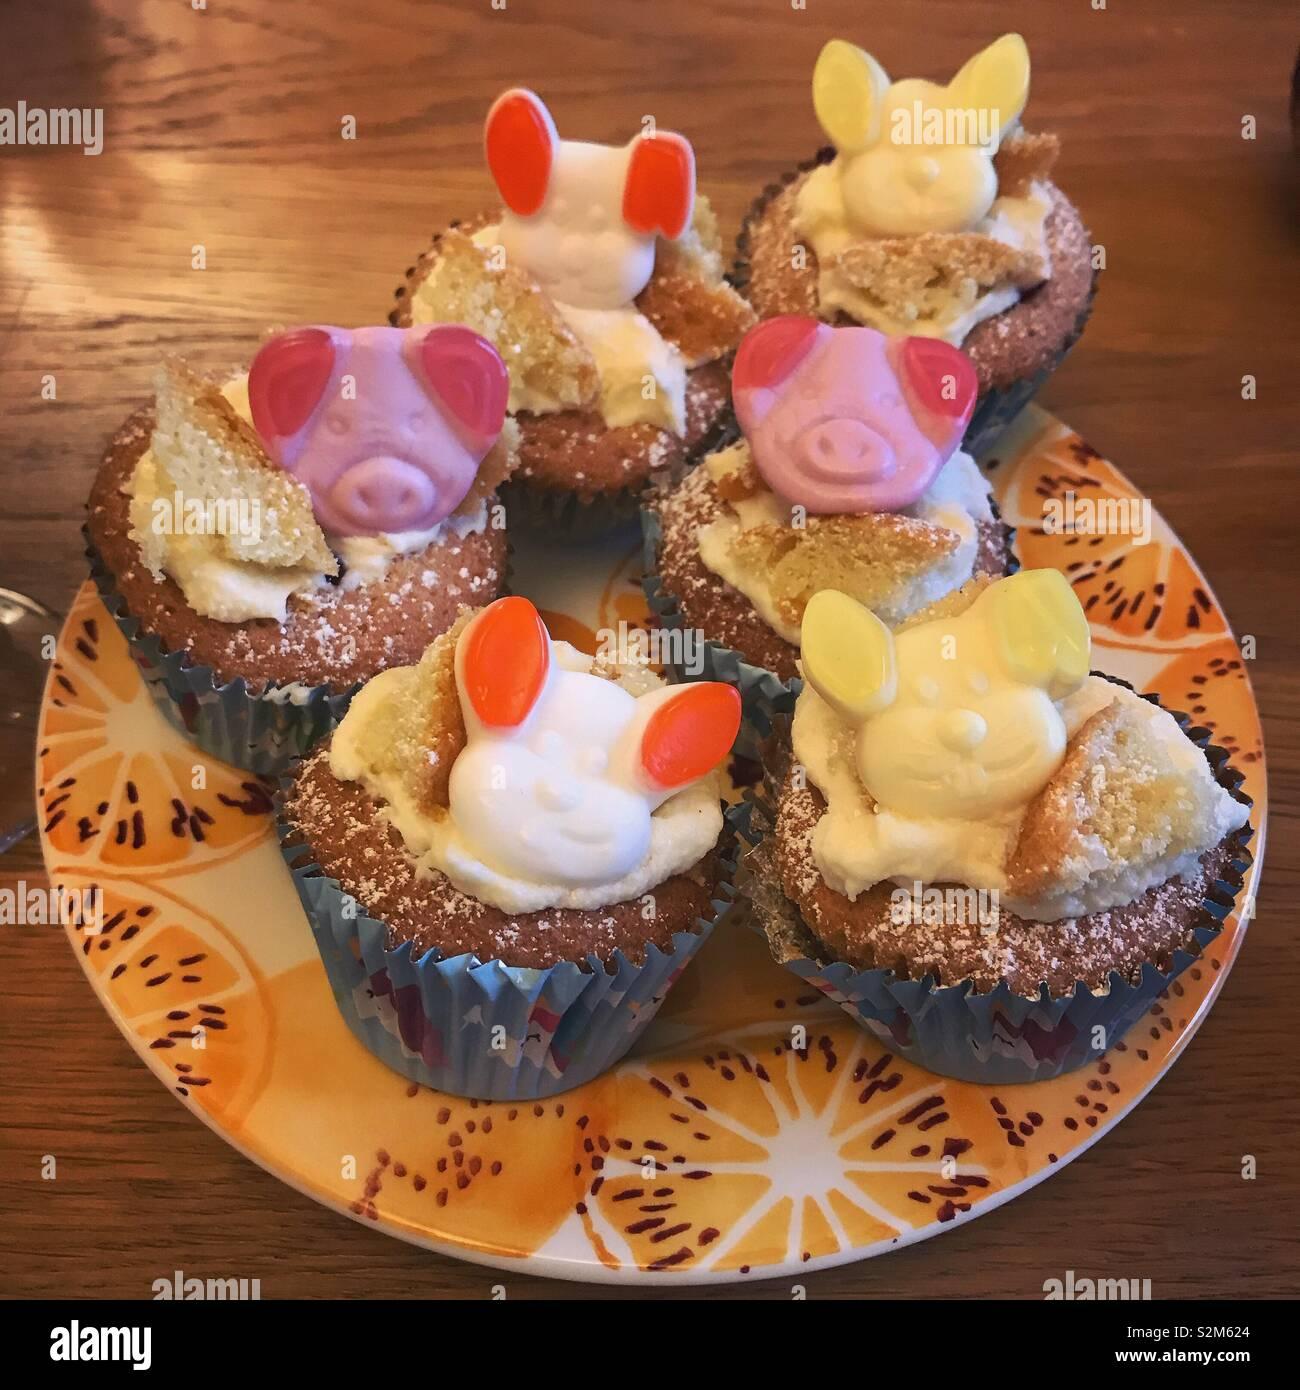 Easter bake - Stock Image